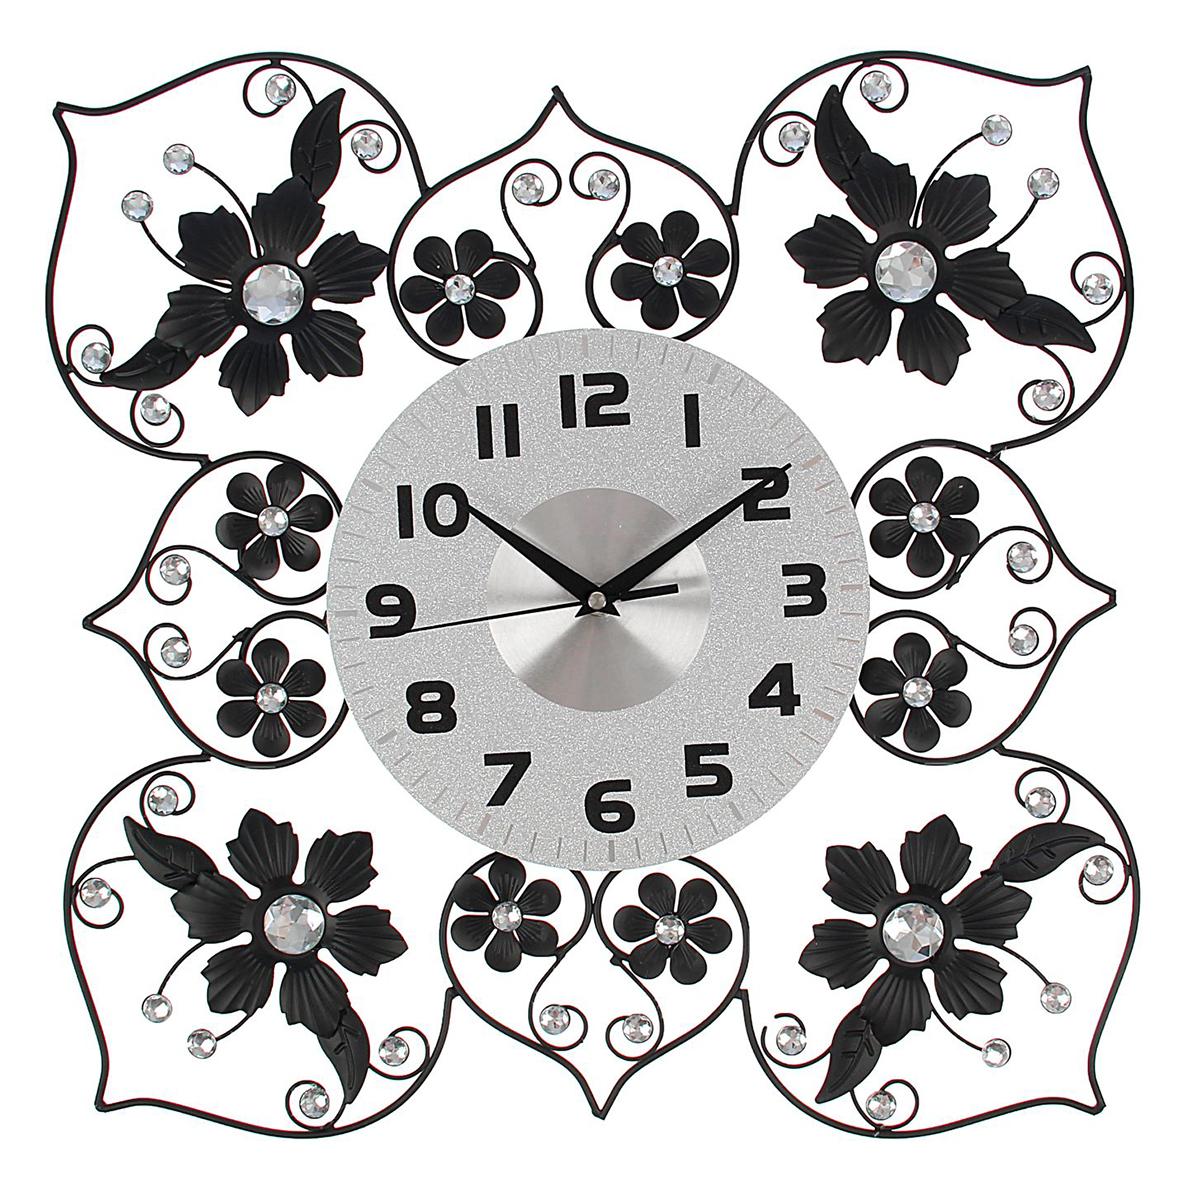 Часы настенные Ажур. Цветочки, диаметр 45 см1550659Каждому хозяину периодически приходит мысль обновить свою квартиру, сделать ремонт, перестановку или кардинально поменять внешний вид каждой комнаты. Часы настенные интерьерные Серия Ажур. Цветочки в форме квадрата, d=45 см — привлекательная деталь, которая поможет воплотить вашу интерьерную идею, создать неповторимую атмосферу в вашем доме. Окружите себя приятными мелочами, пусть они радуют глаз и дарят гармонию.Часы настенные серии Ажур Цветочки в форме квадрата d=45см 1550659